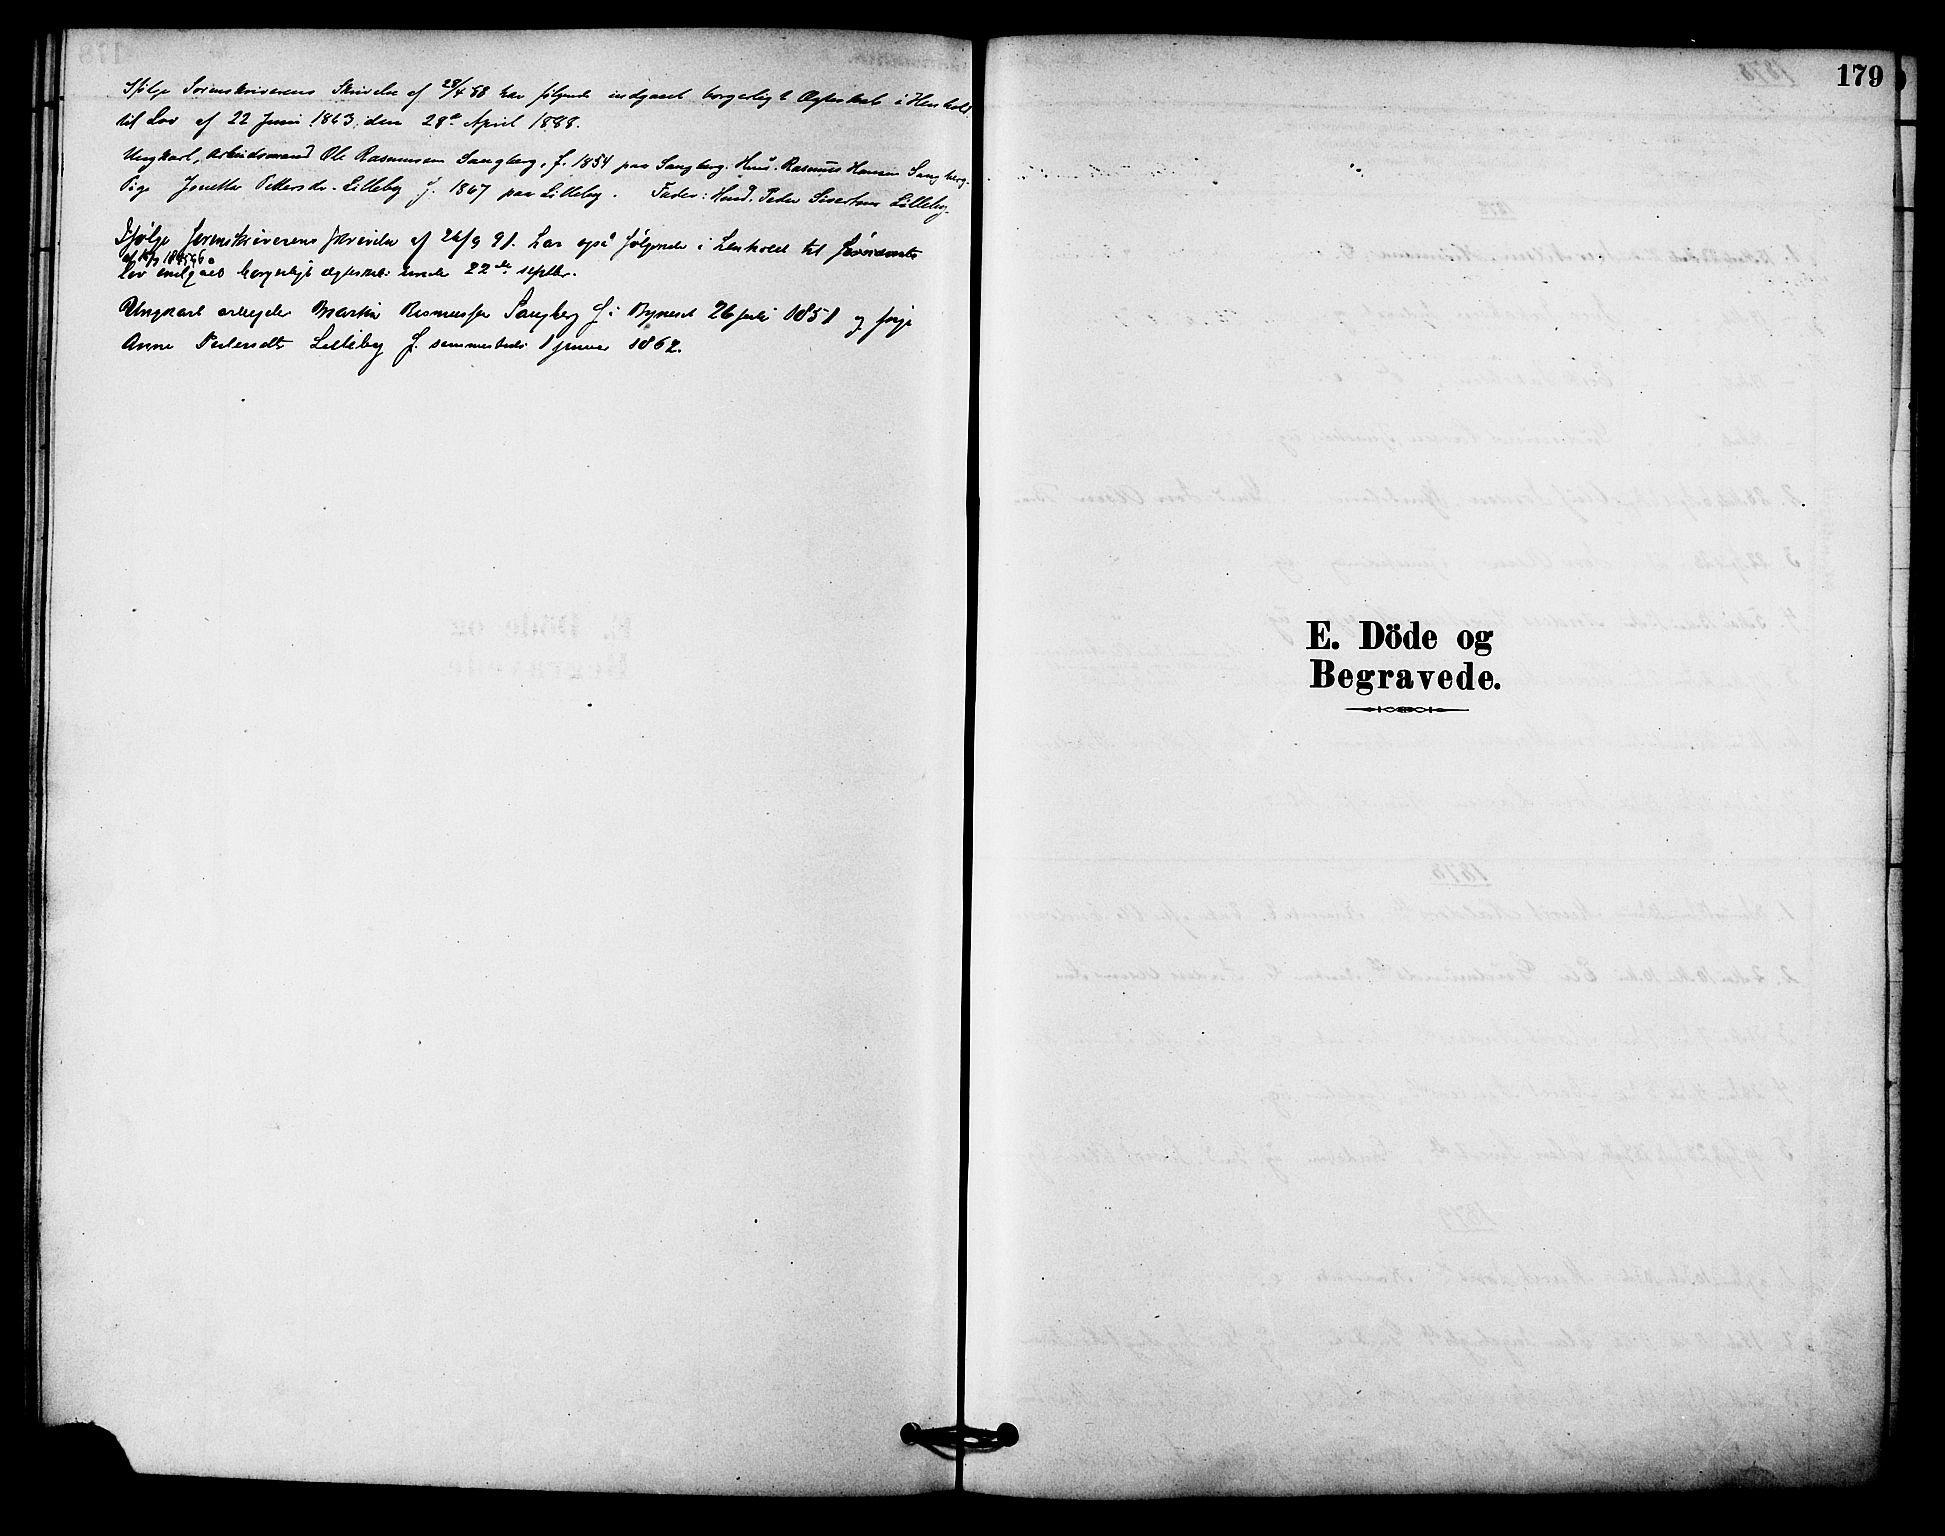 SAT, Ministerialprotokoller, klokkerbøker og fødselsregistre - Sør-Trøndelag, 612/L0378: Ministerialbok nr. 612A10, 1878-1897, s. 179